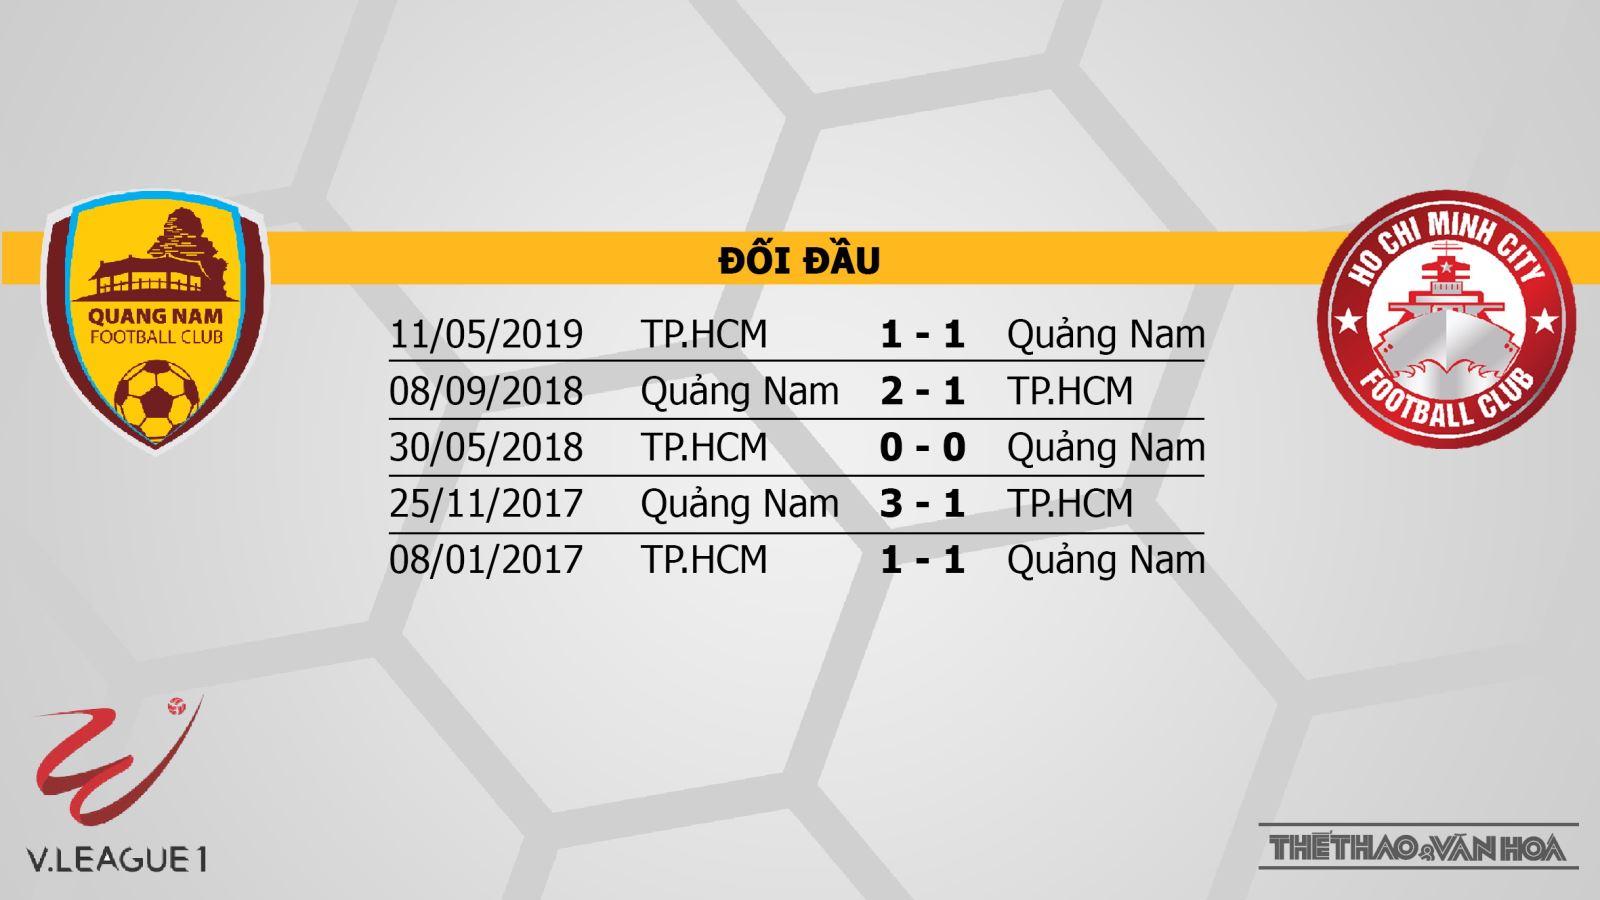 VTV6, VTV5, trực tiếp bóng đá, Quảng Nam vs TP.HCM, truc tiep bong da, Quảng Nam đấu với TP.HCM, soi kèo bóng đá, truc tiep bong da hôm nay, V League, BĐTV, xem bóng đá trực tuyến